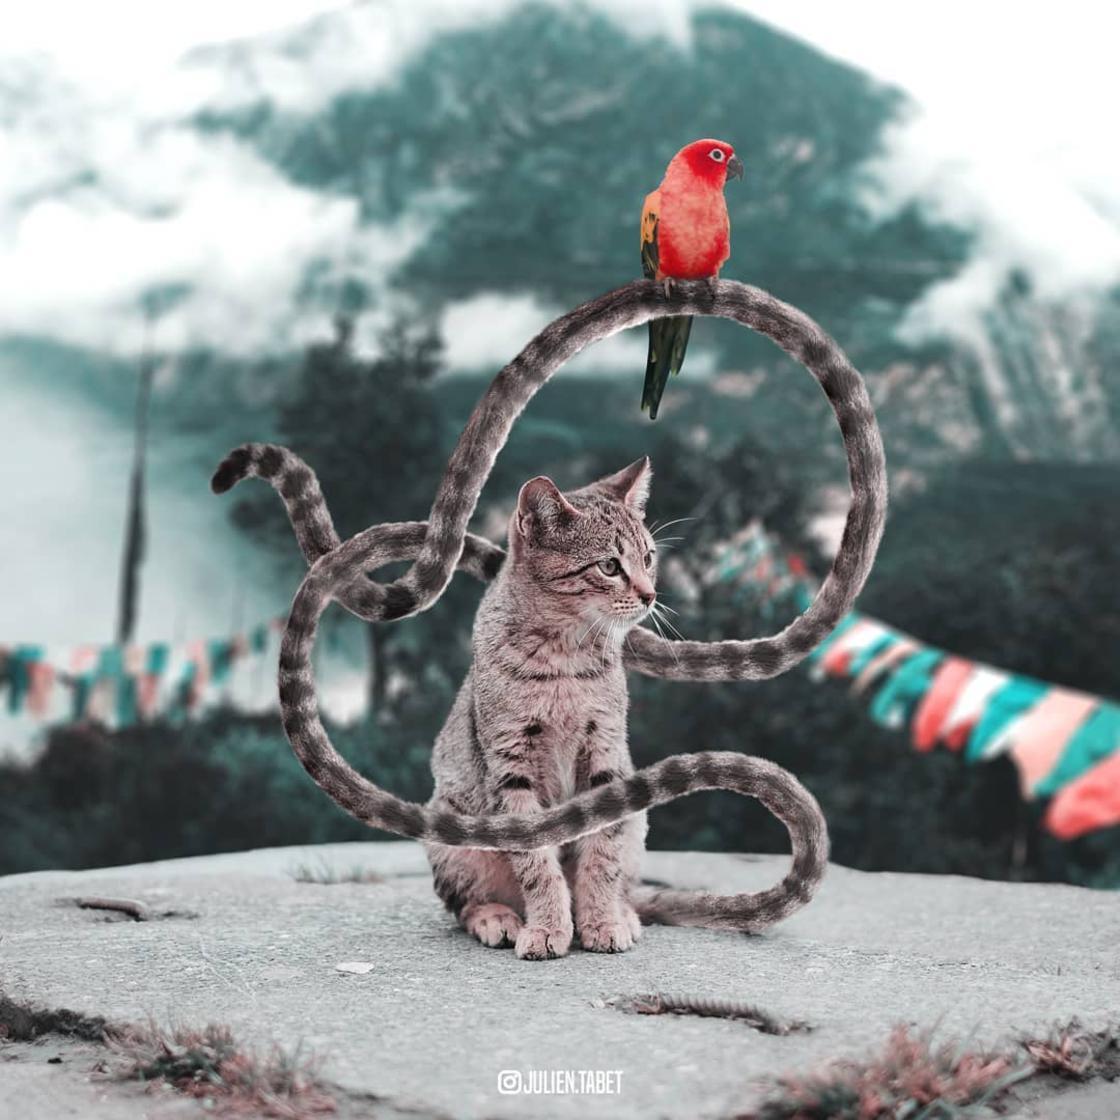 animaux-fantastiques-julien-tabet-17.jpg